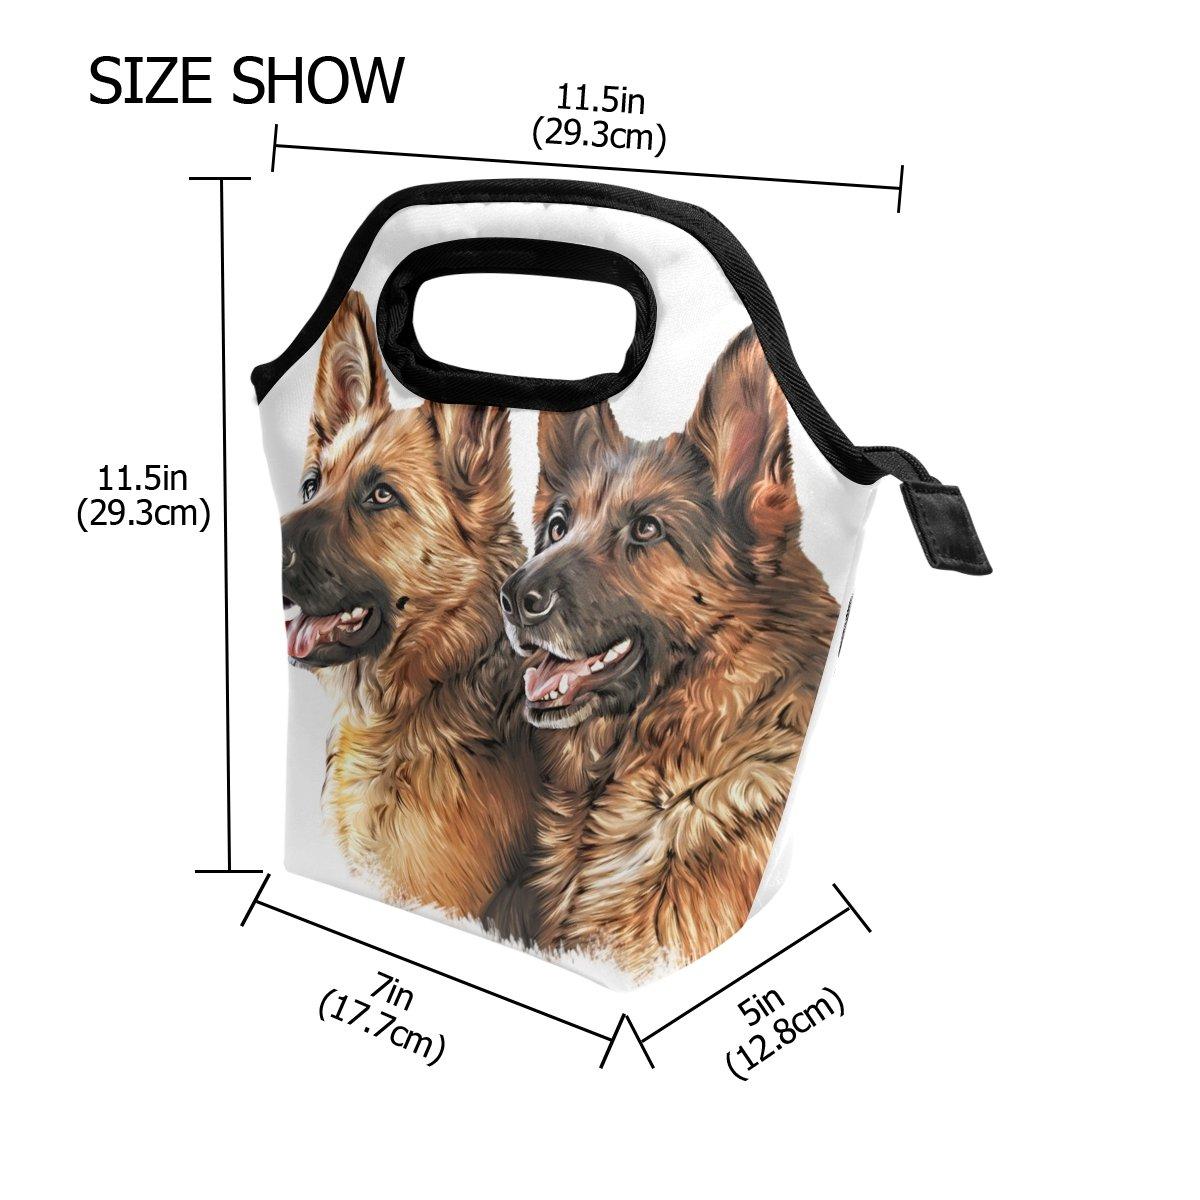 Coosun disegno cane pastore tedesco borsa da shopping borsa termica per il pranzo termica impermeabile pranzo borse in neoprene borsa con cerniera per esterni viaggi picnic